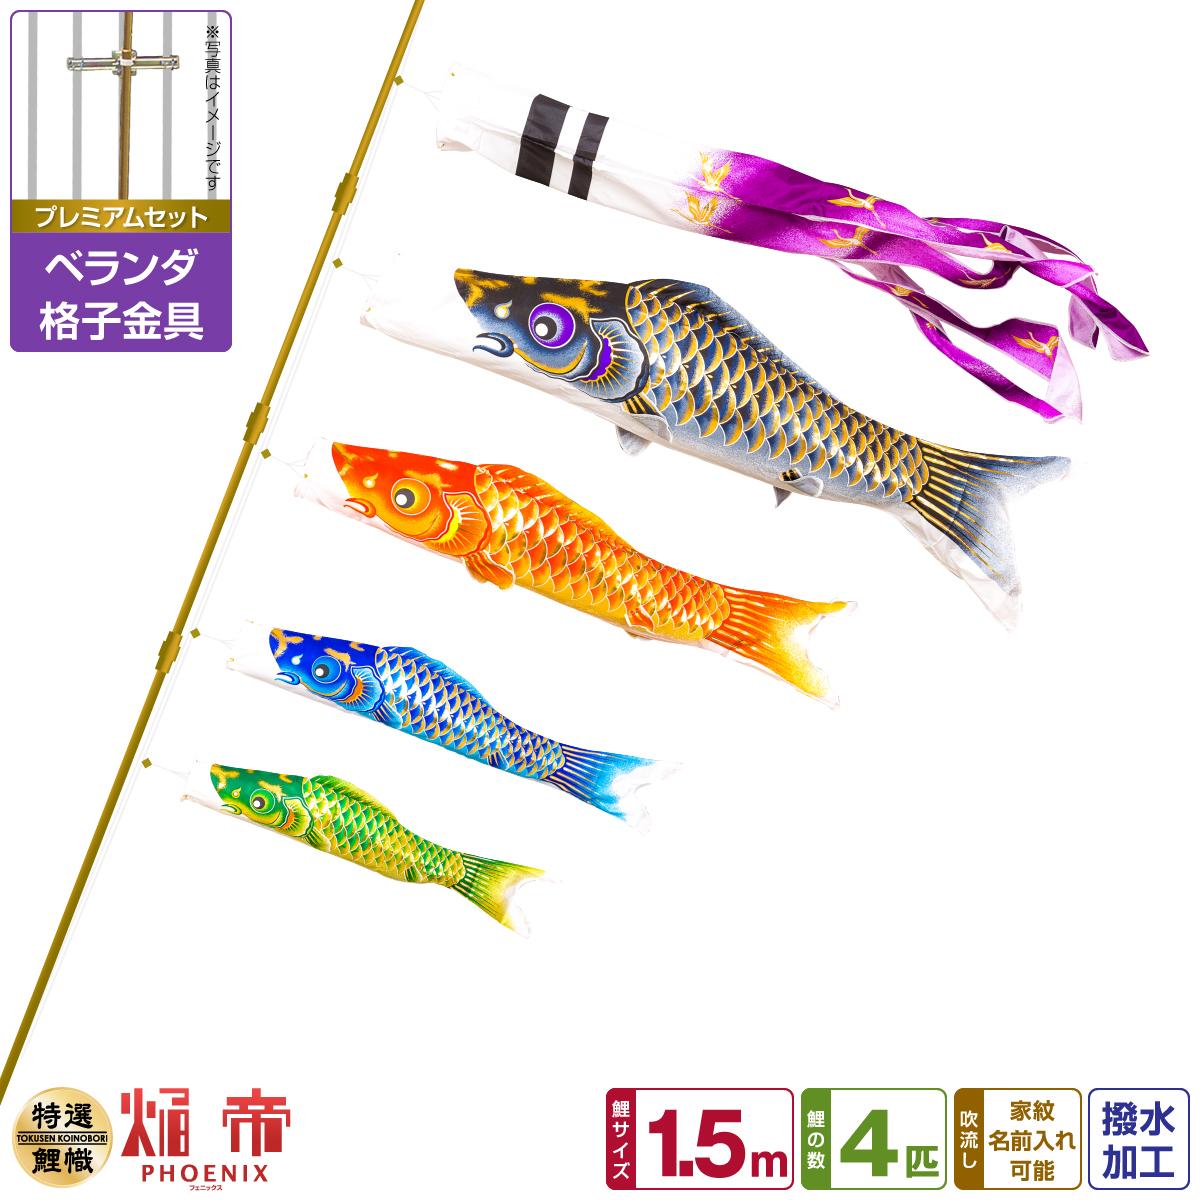 ベランダ用 こいのぼり 鯉のぼり 焔帝鯉フェニックス 1.5m 7点(吹流し+鯉4匹+矢車+ロープ)/プレミアムセット(格子金具)